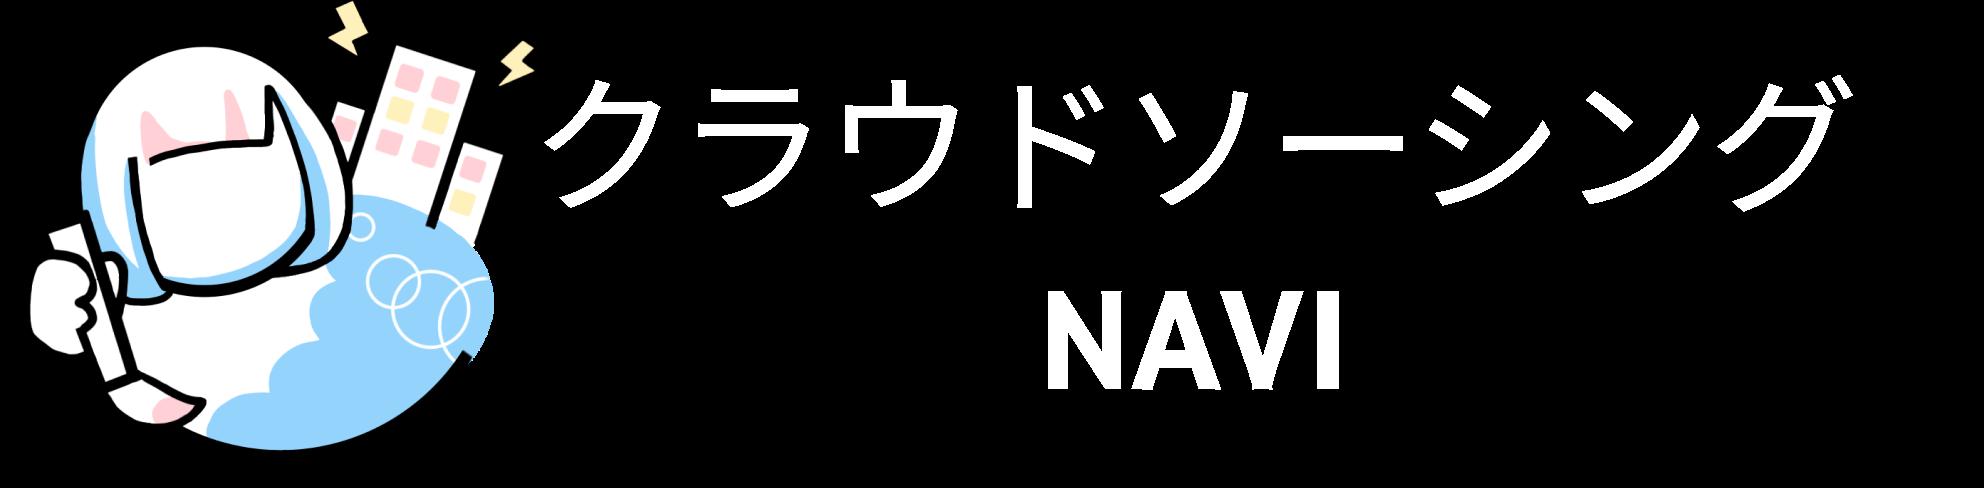 クラウドソーシングNAVI